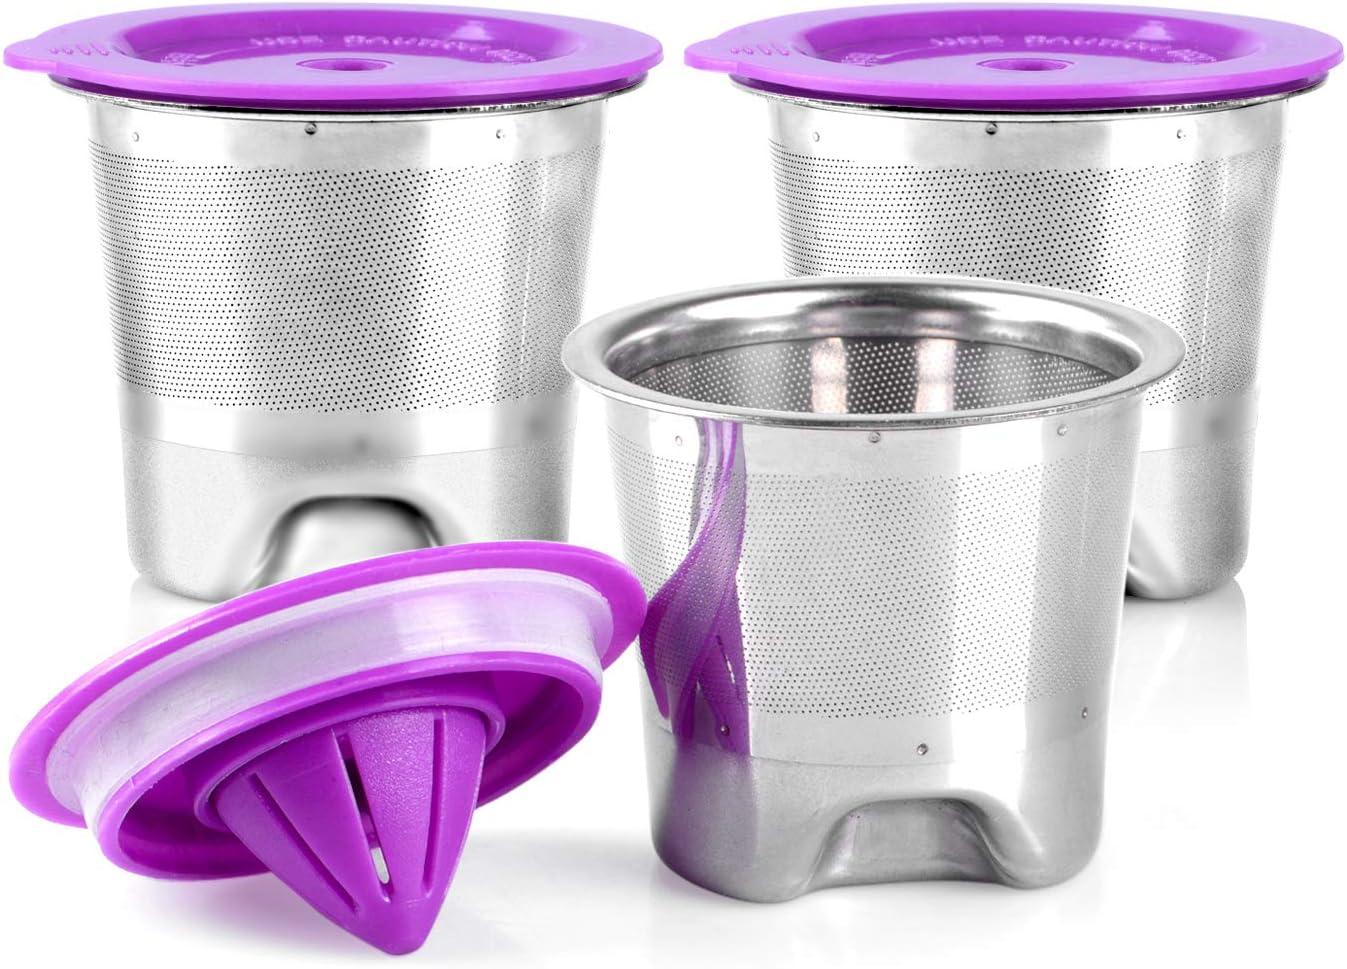 Reusable K Cups Keurig Coffee Filter for Keurig 2.0 & 1.0 Brewers, Stainless Steel Keurig Filter Universal Refillable Coffee Filter (3Pack)